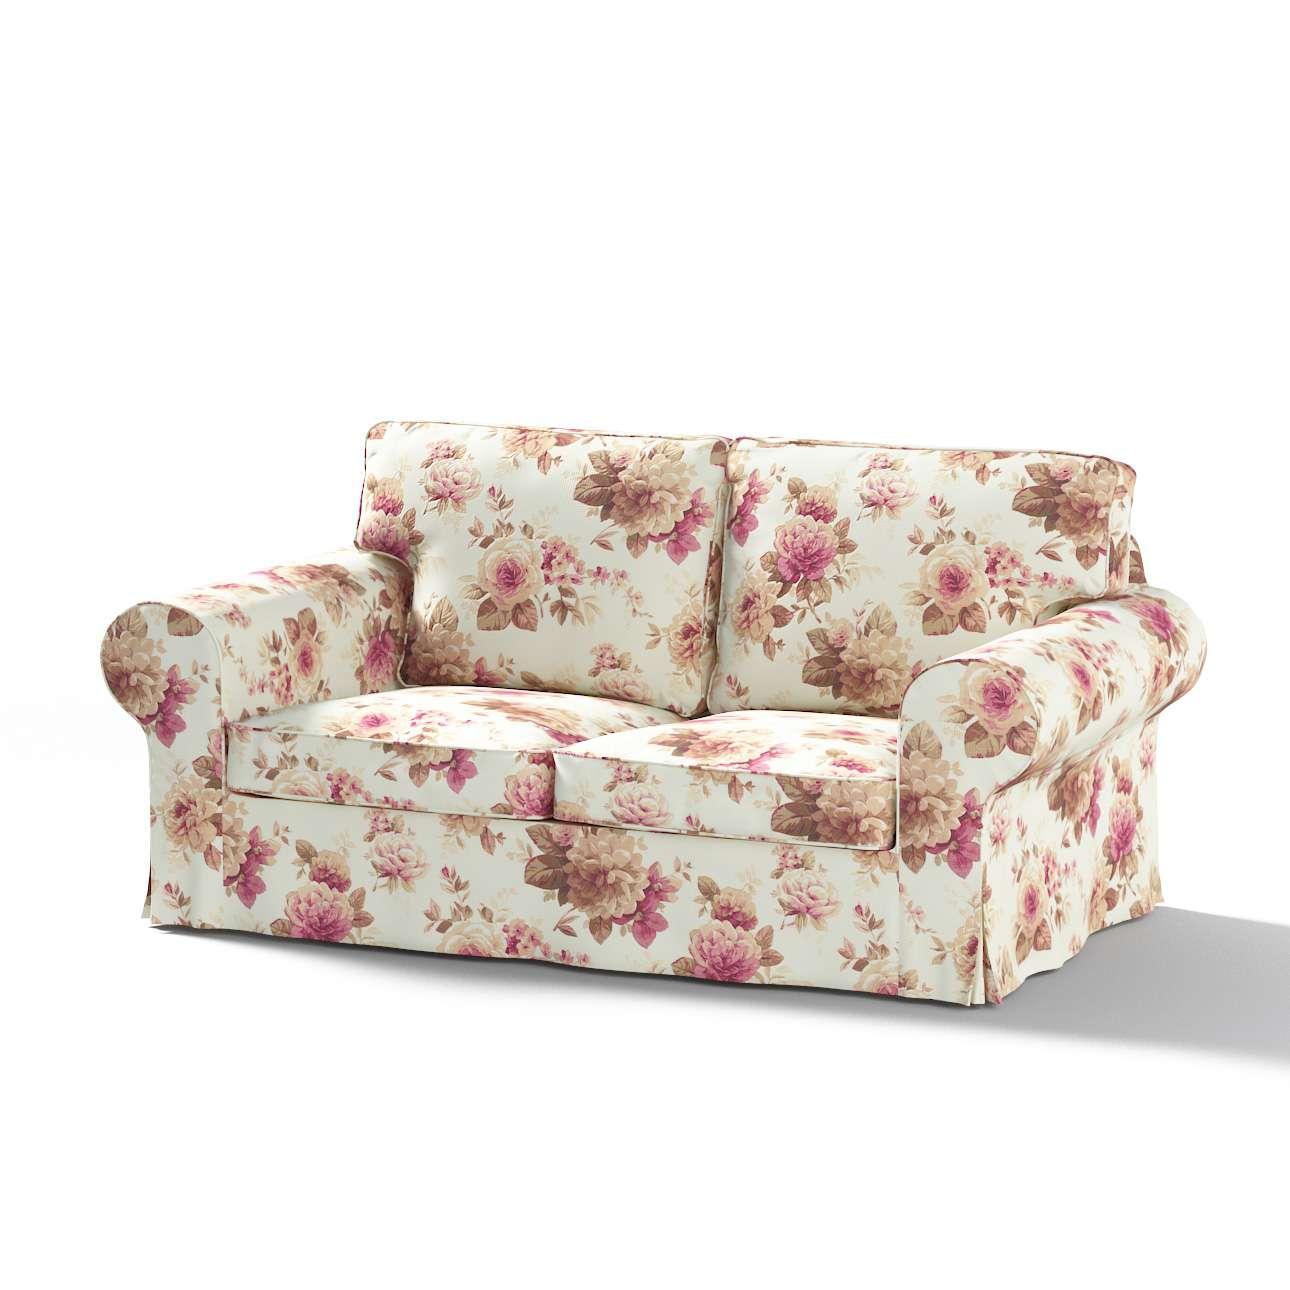 Pokrowiec na sofę Ektorp 2-osobową rozkładaną, model po 2012 w kolekcji Londres, tkanina: 141-06